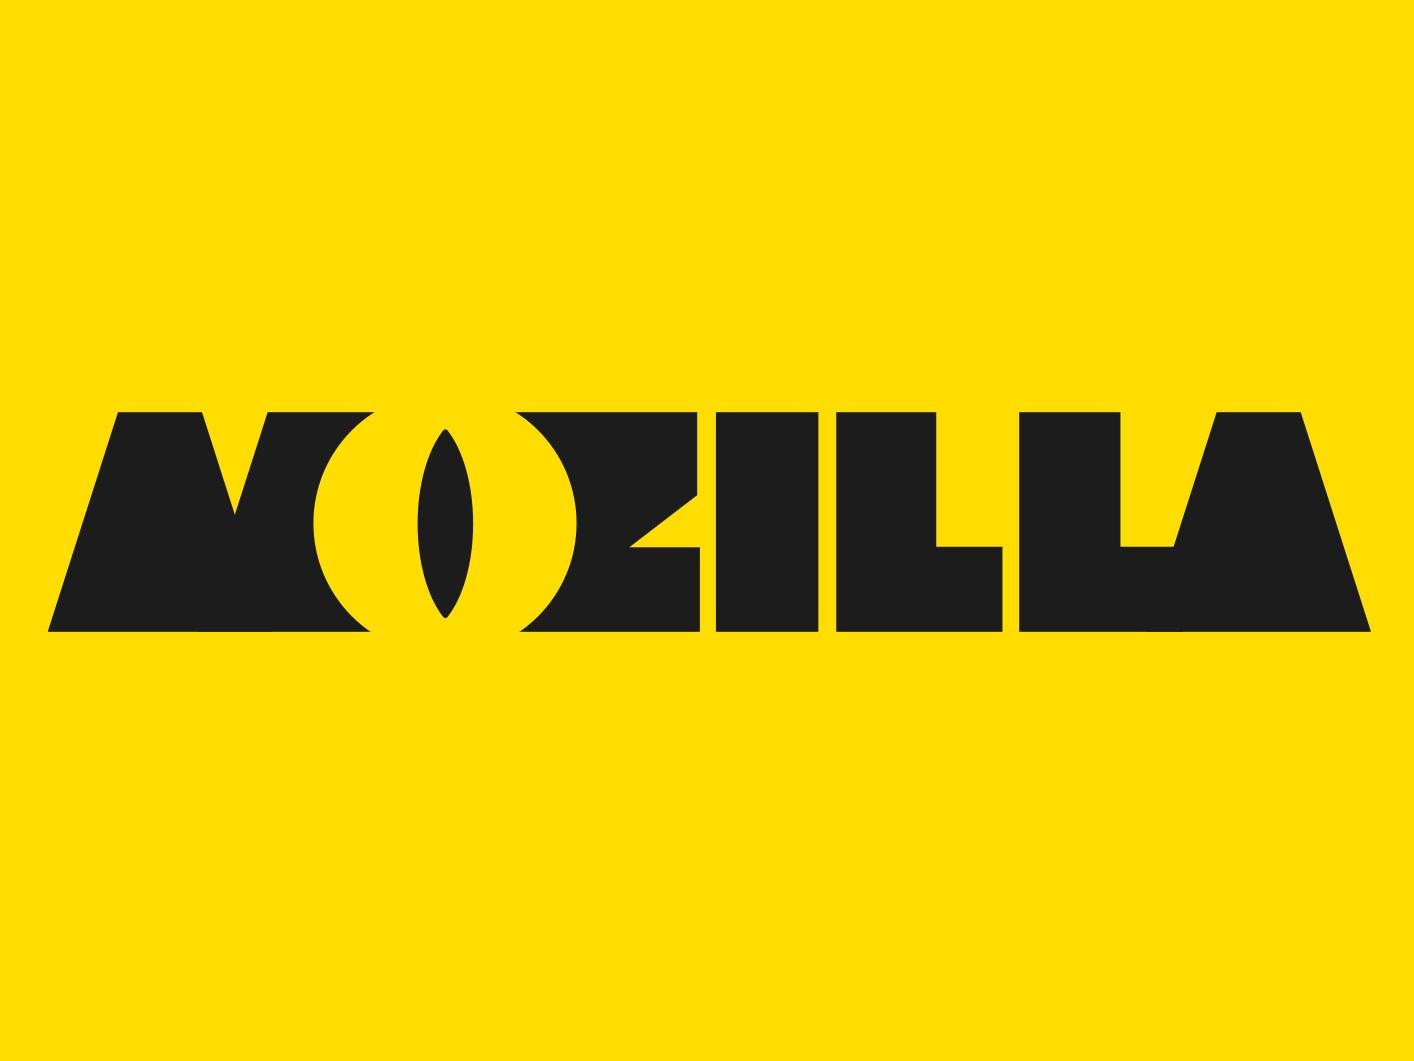 Найцікавіші логотипи 2016 року: Netflix, Pandora, Mastercard та Mozilla